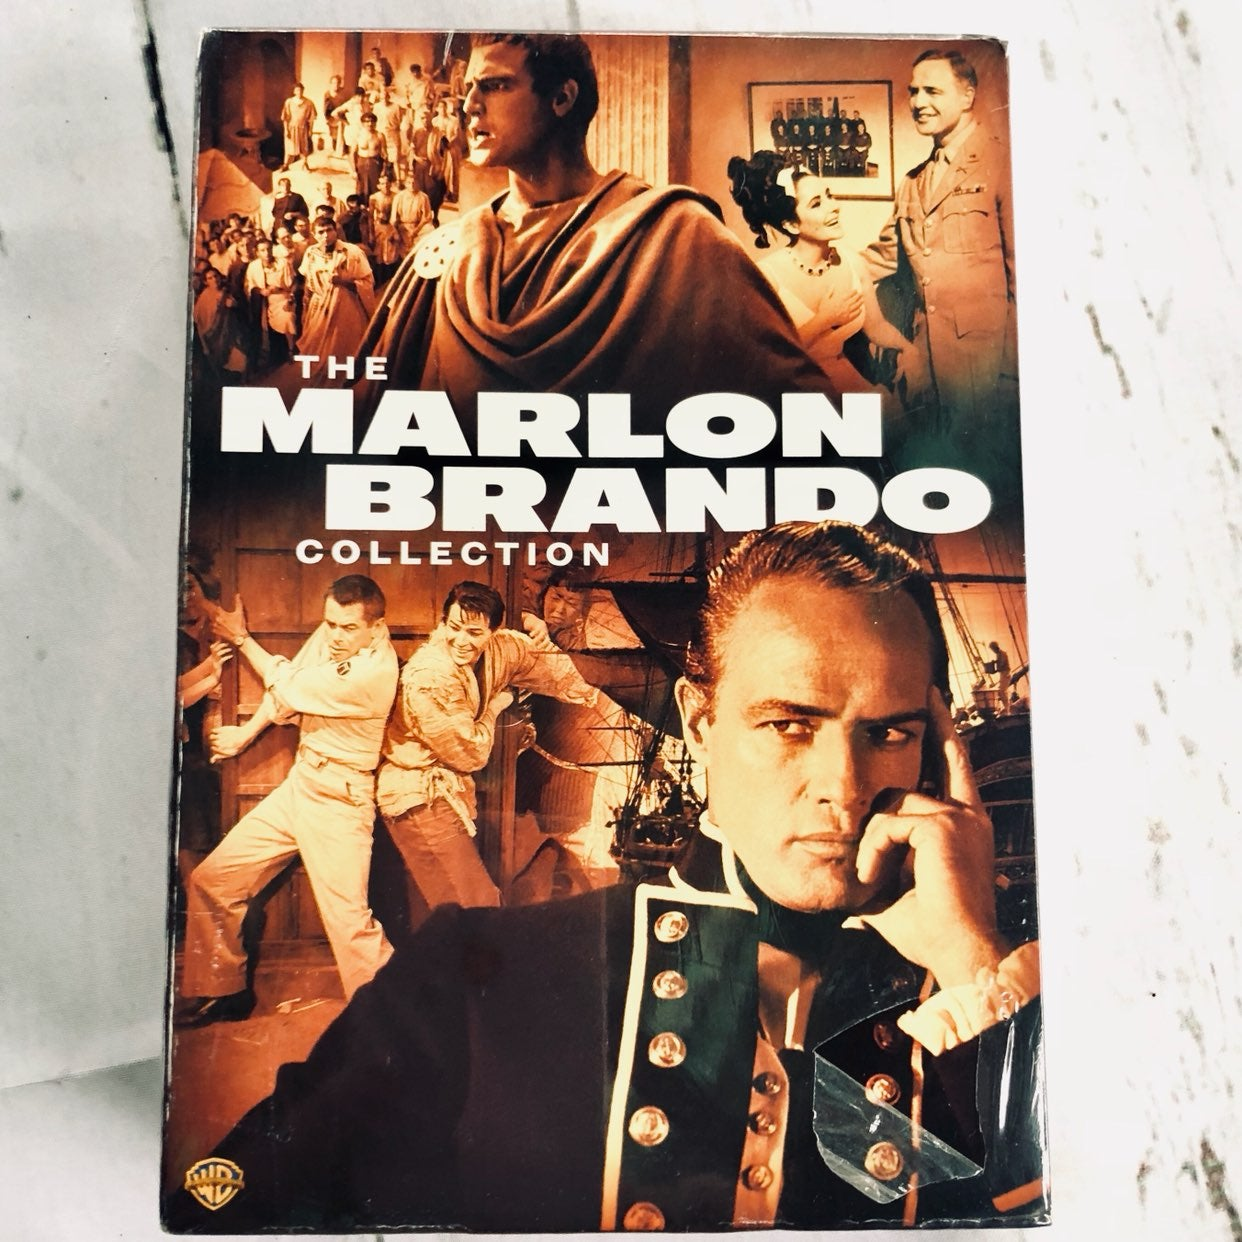 NEW Marlon Brando Box Set DVD Collection